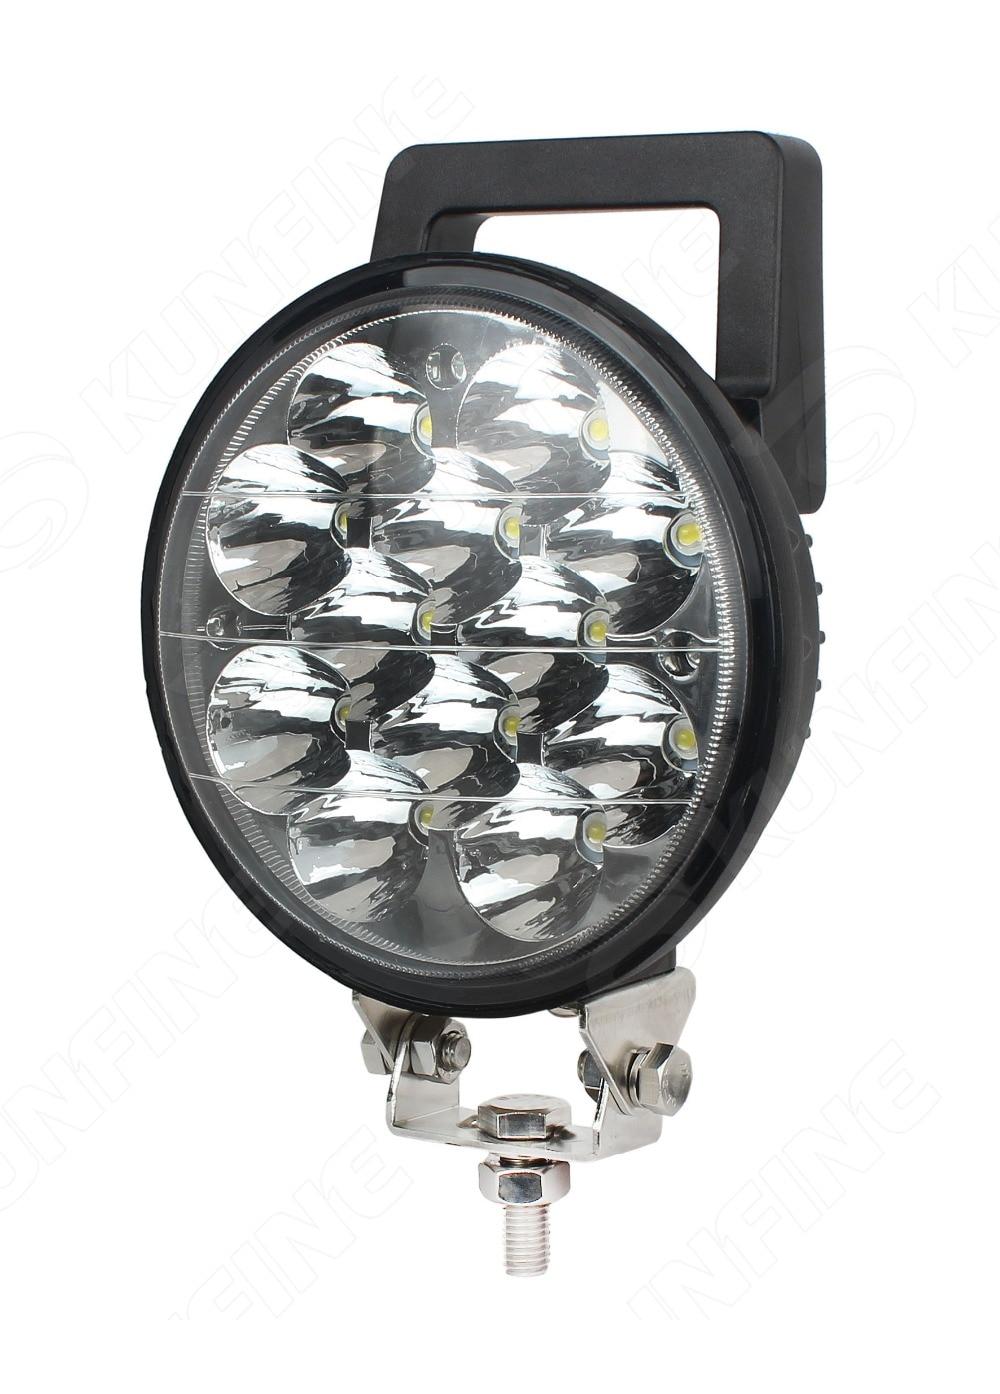 6.0 inch 36W LED Work Light 12V~30V DC LED Driving Offroad Light For Boat Truck Trailer SUV ATV LED Fog Light Waterproof